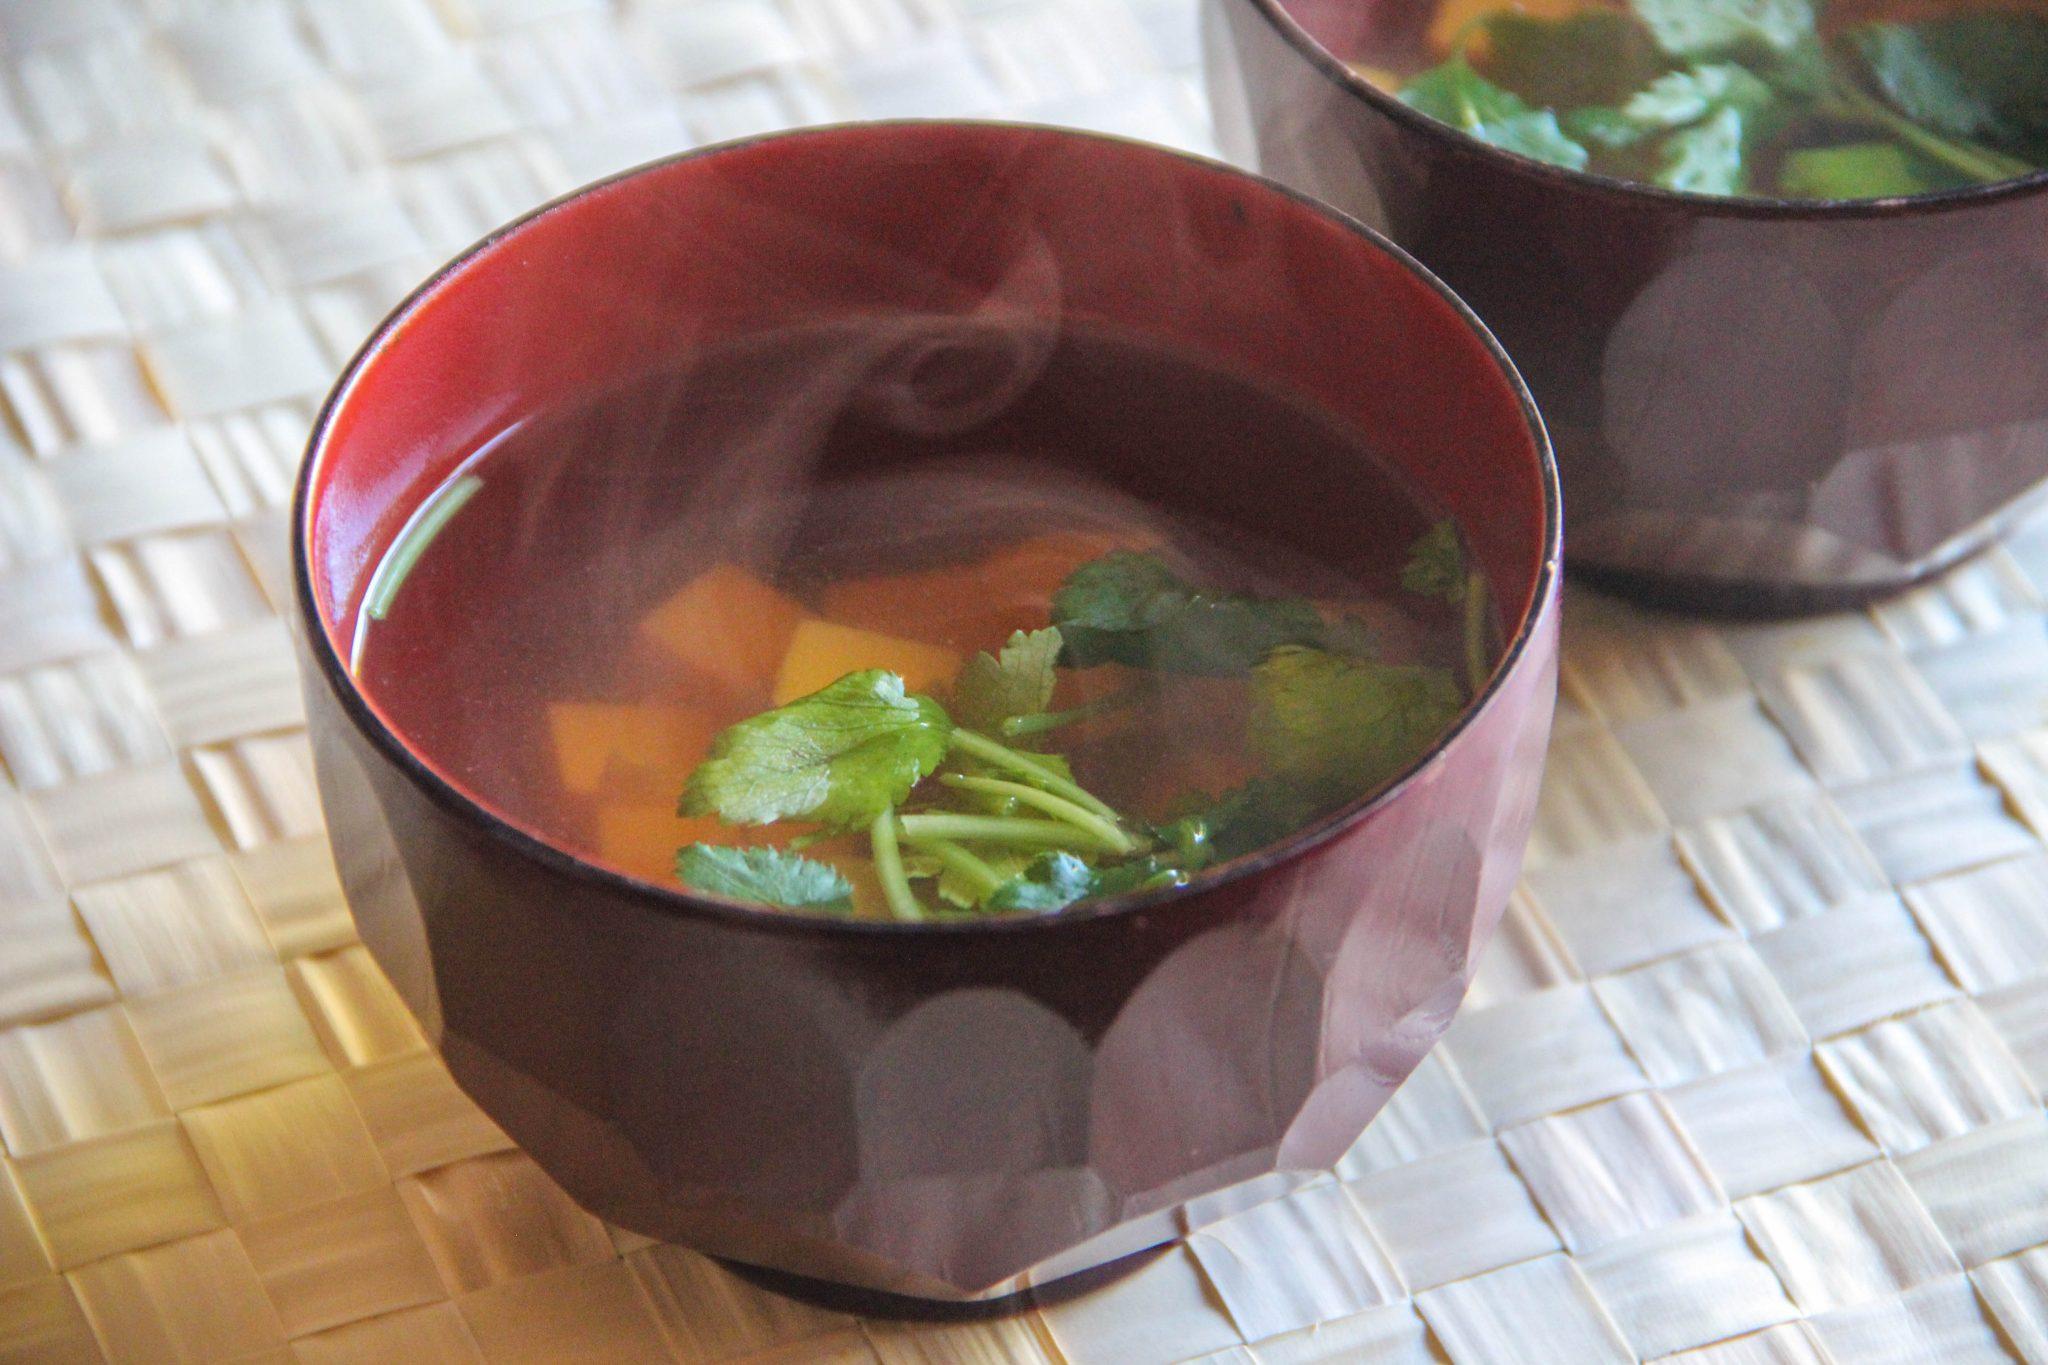 Sumashijiru Recipe